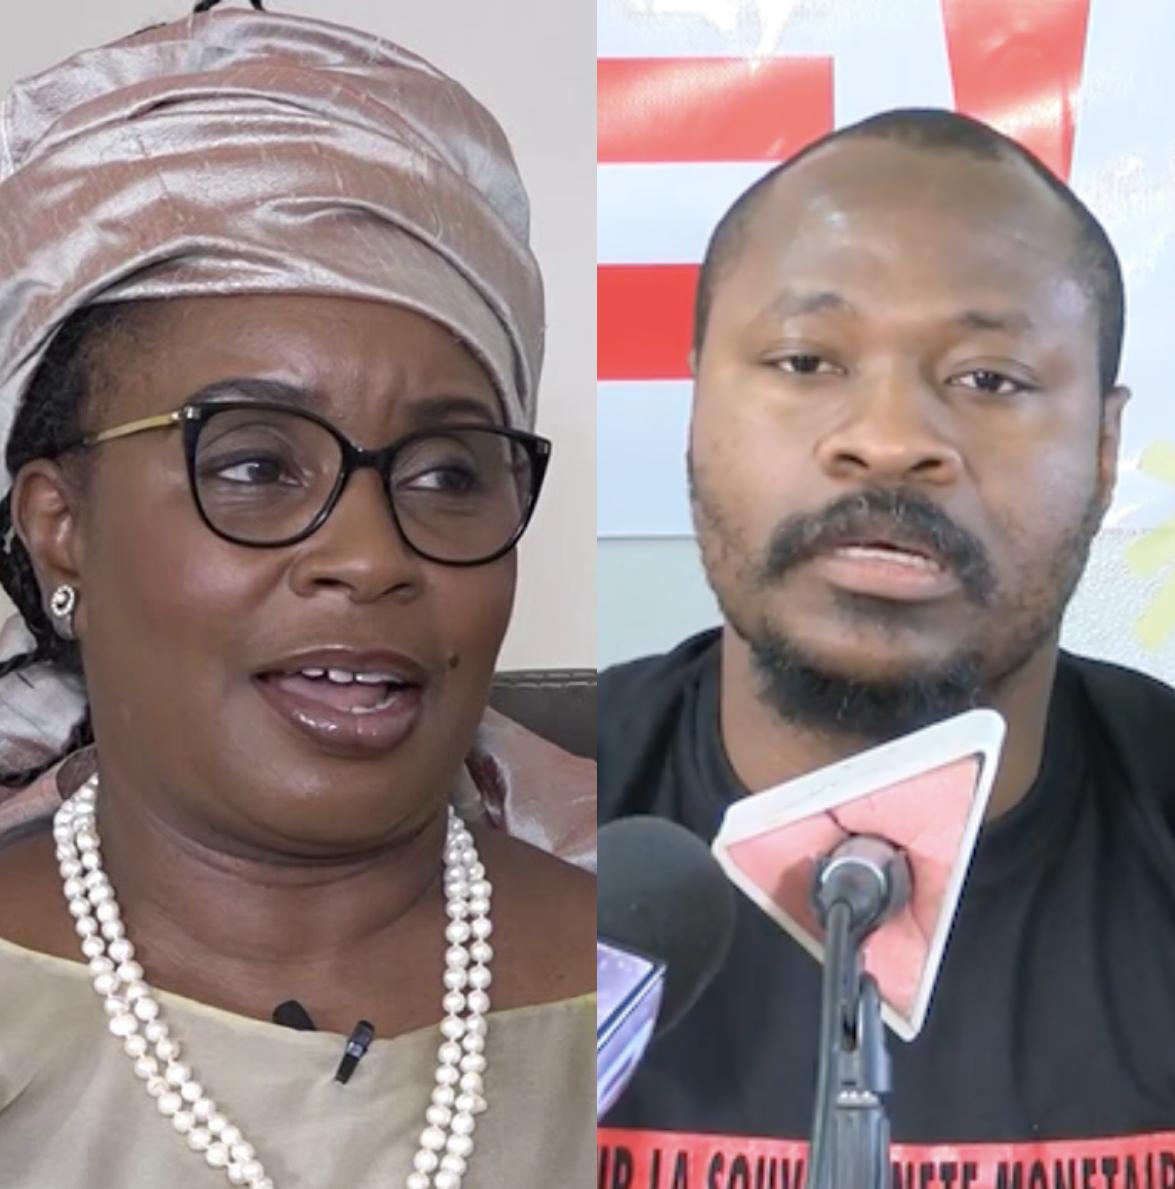 """Coordination de la plateforme """"AAR LI NU BOKK"""" : Guy Marius Sagna et Ndèye Fatou Diop Blondin prennent le relais."""